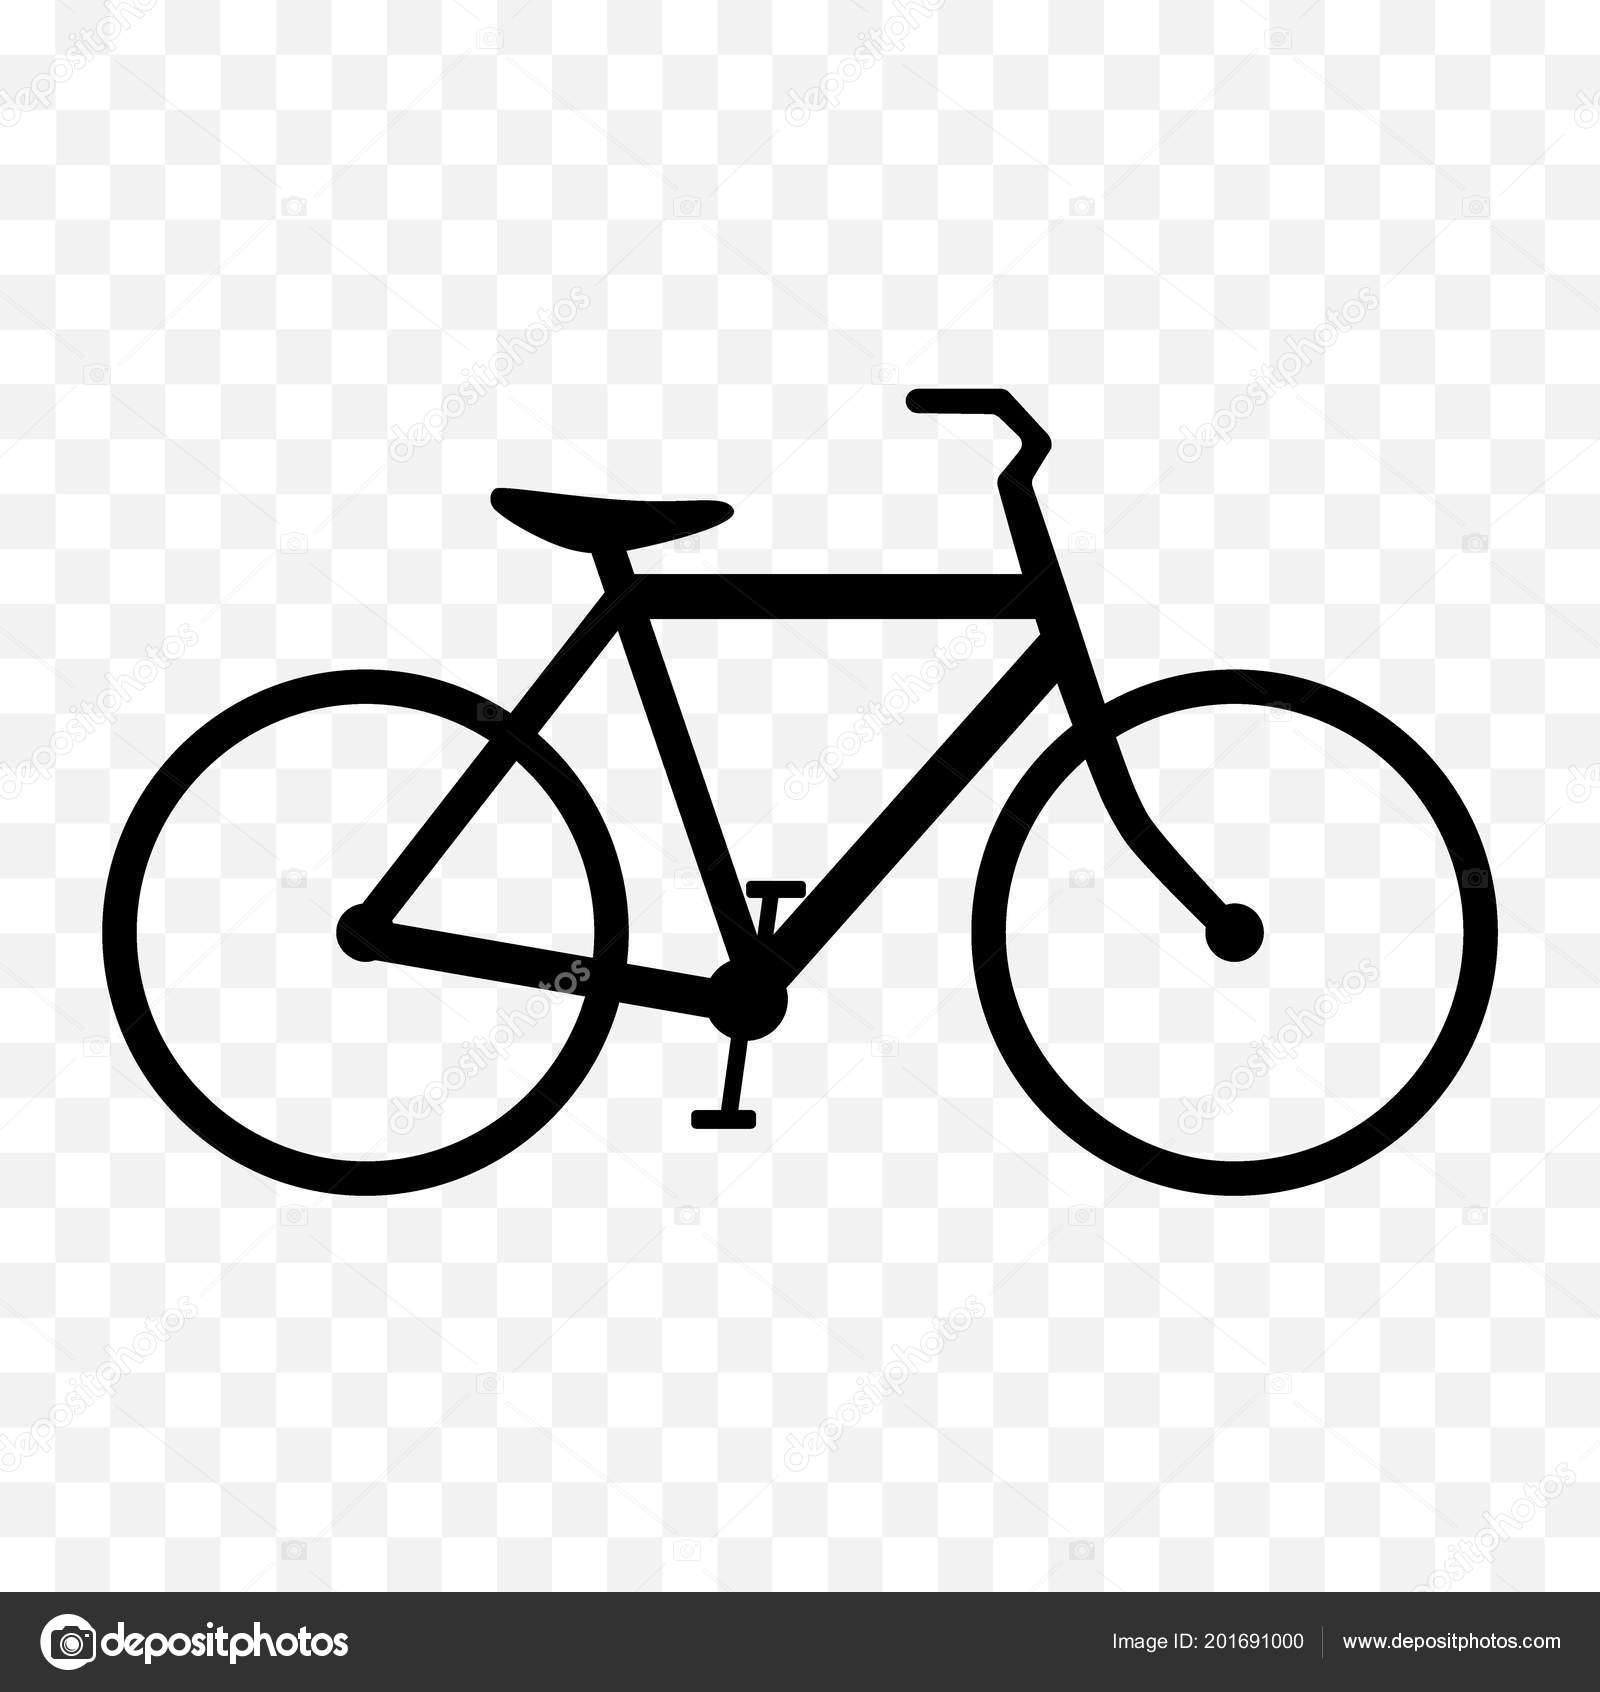 Icona Stilizzata Biciclette Siluetta Della Bicicletta Nera